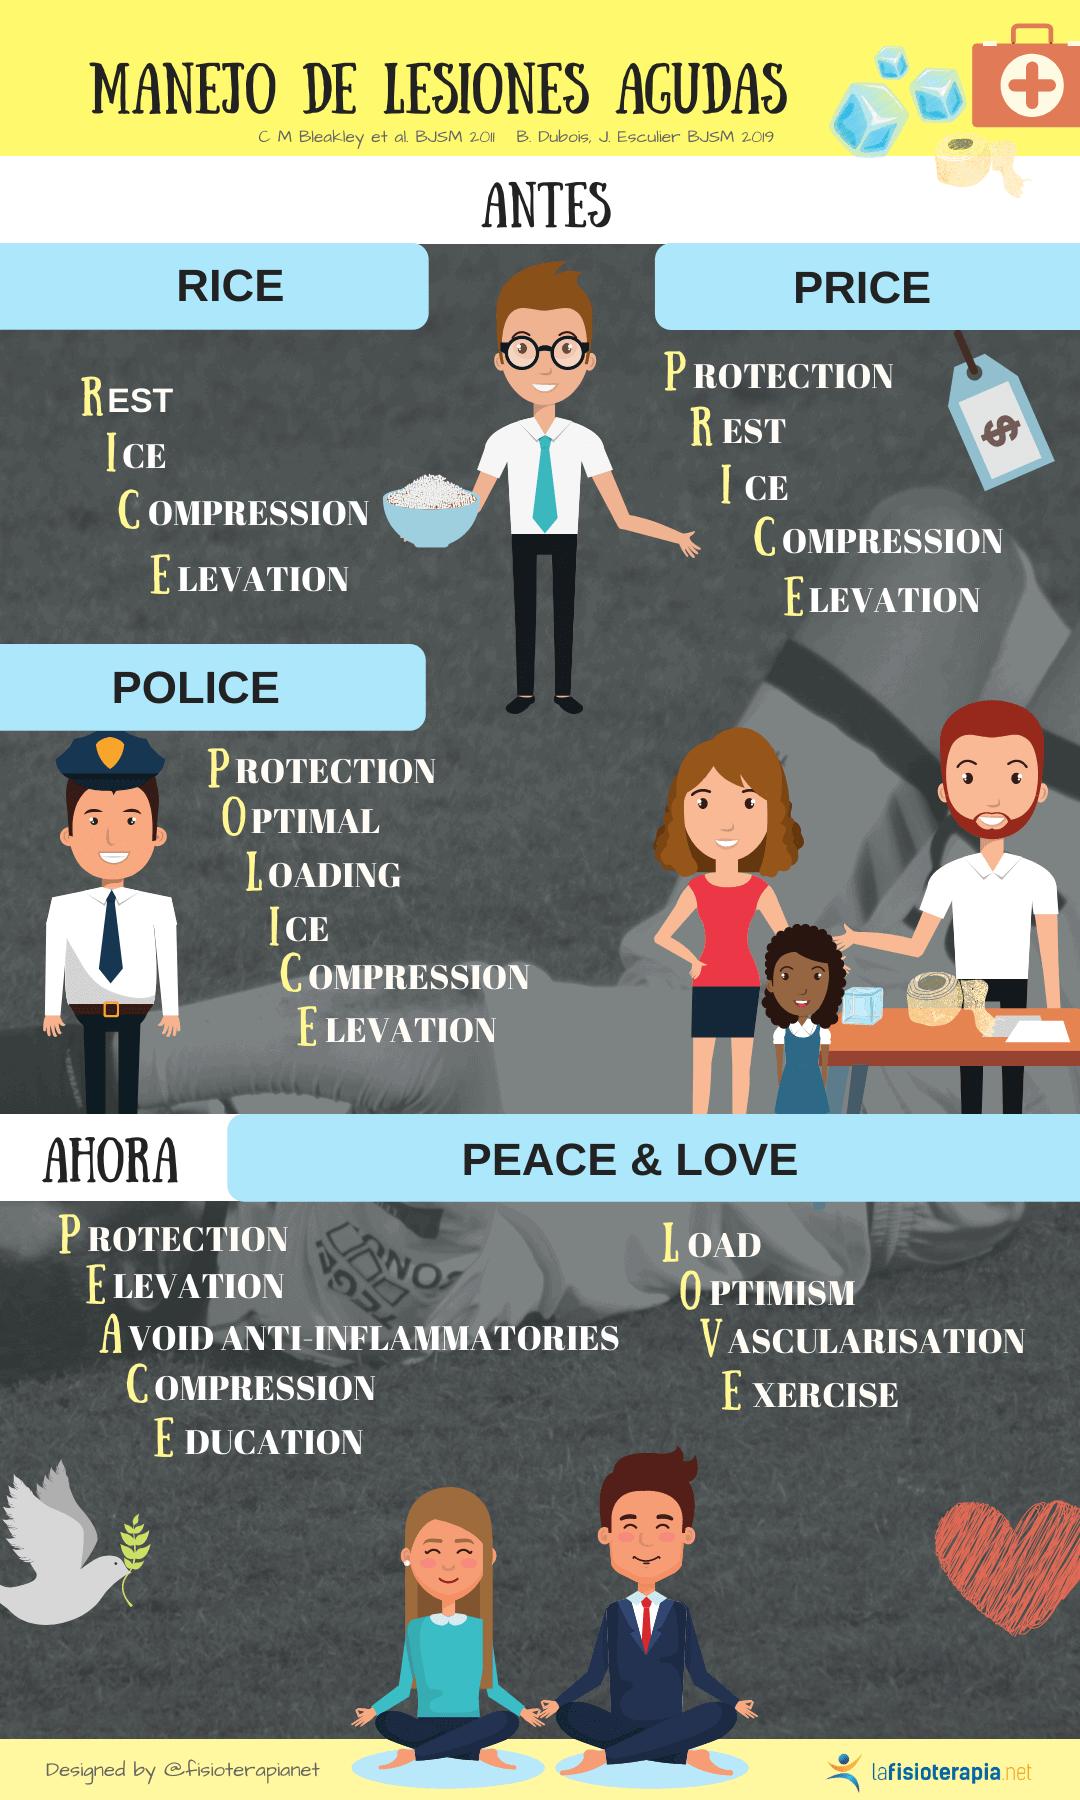 protocolo peace and love